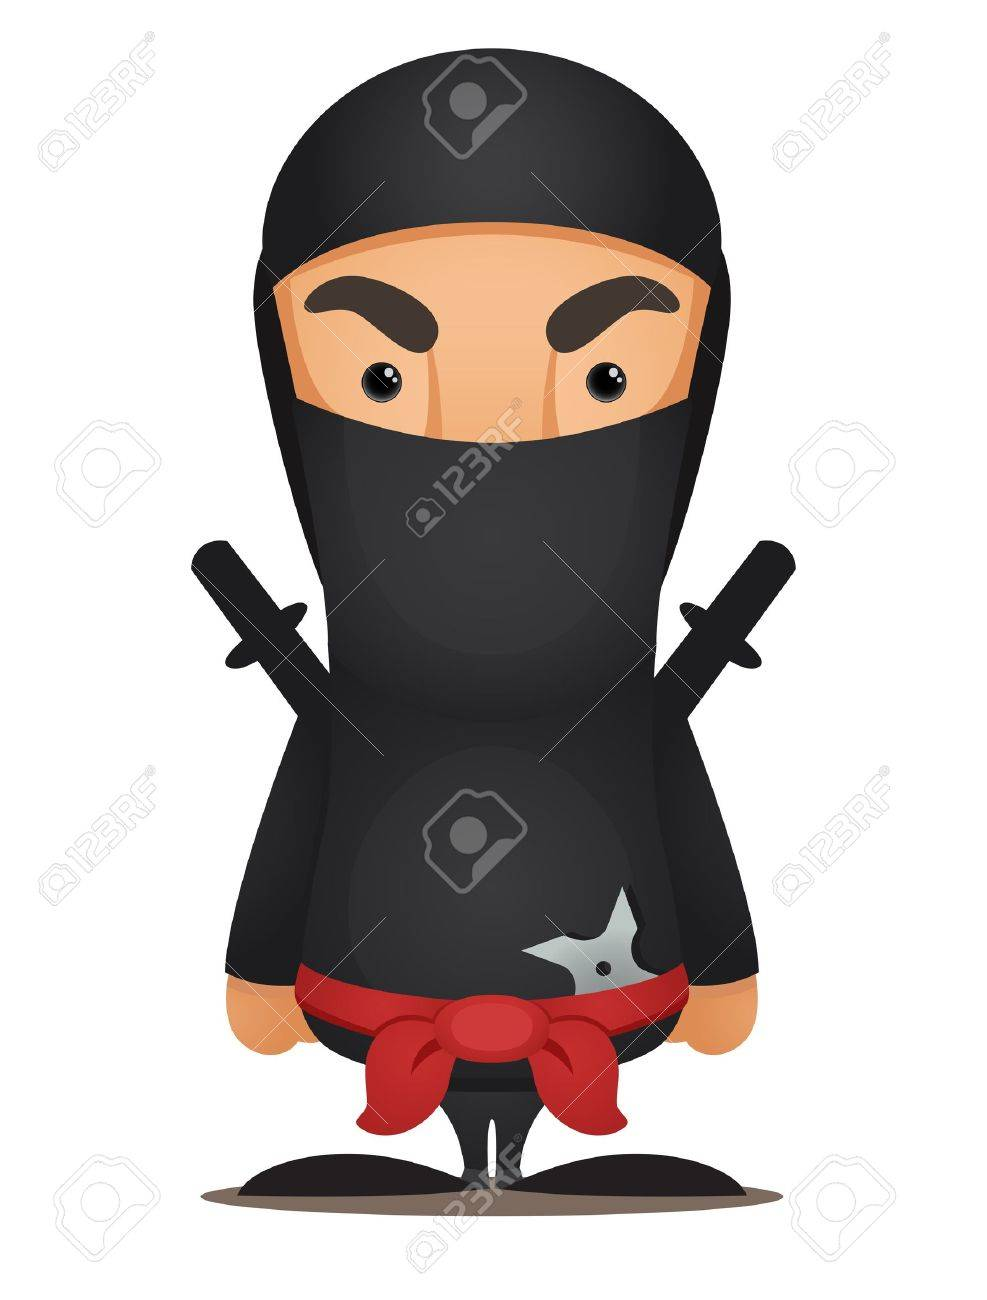 Cartoon Ninja - 13404628